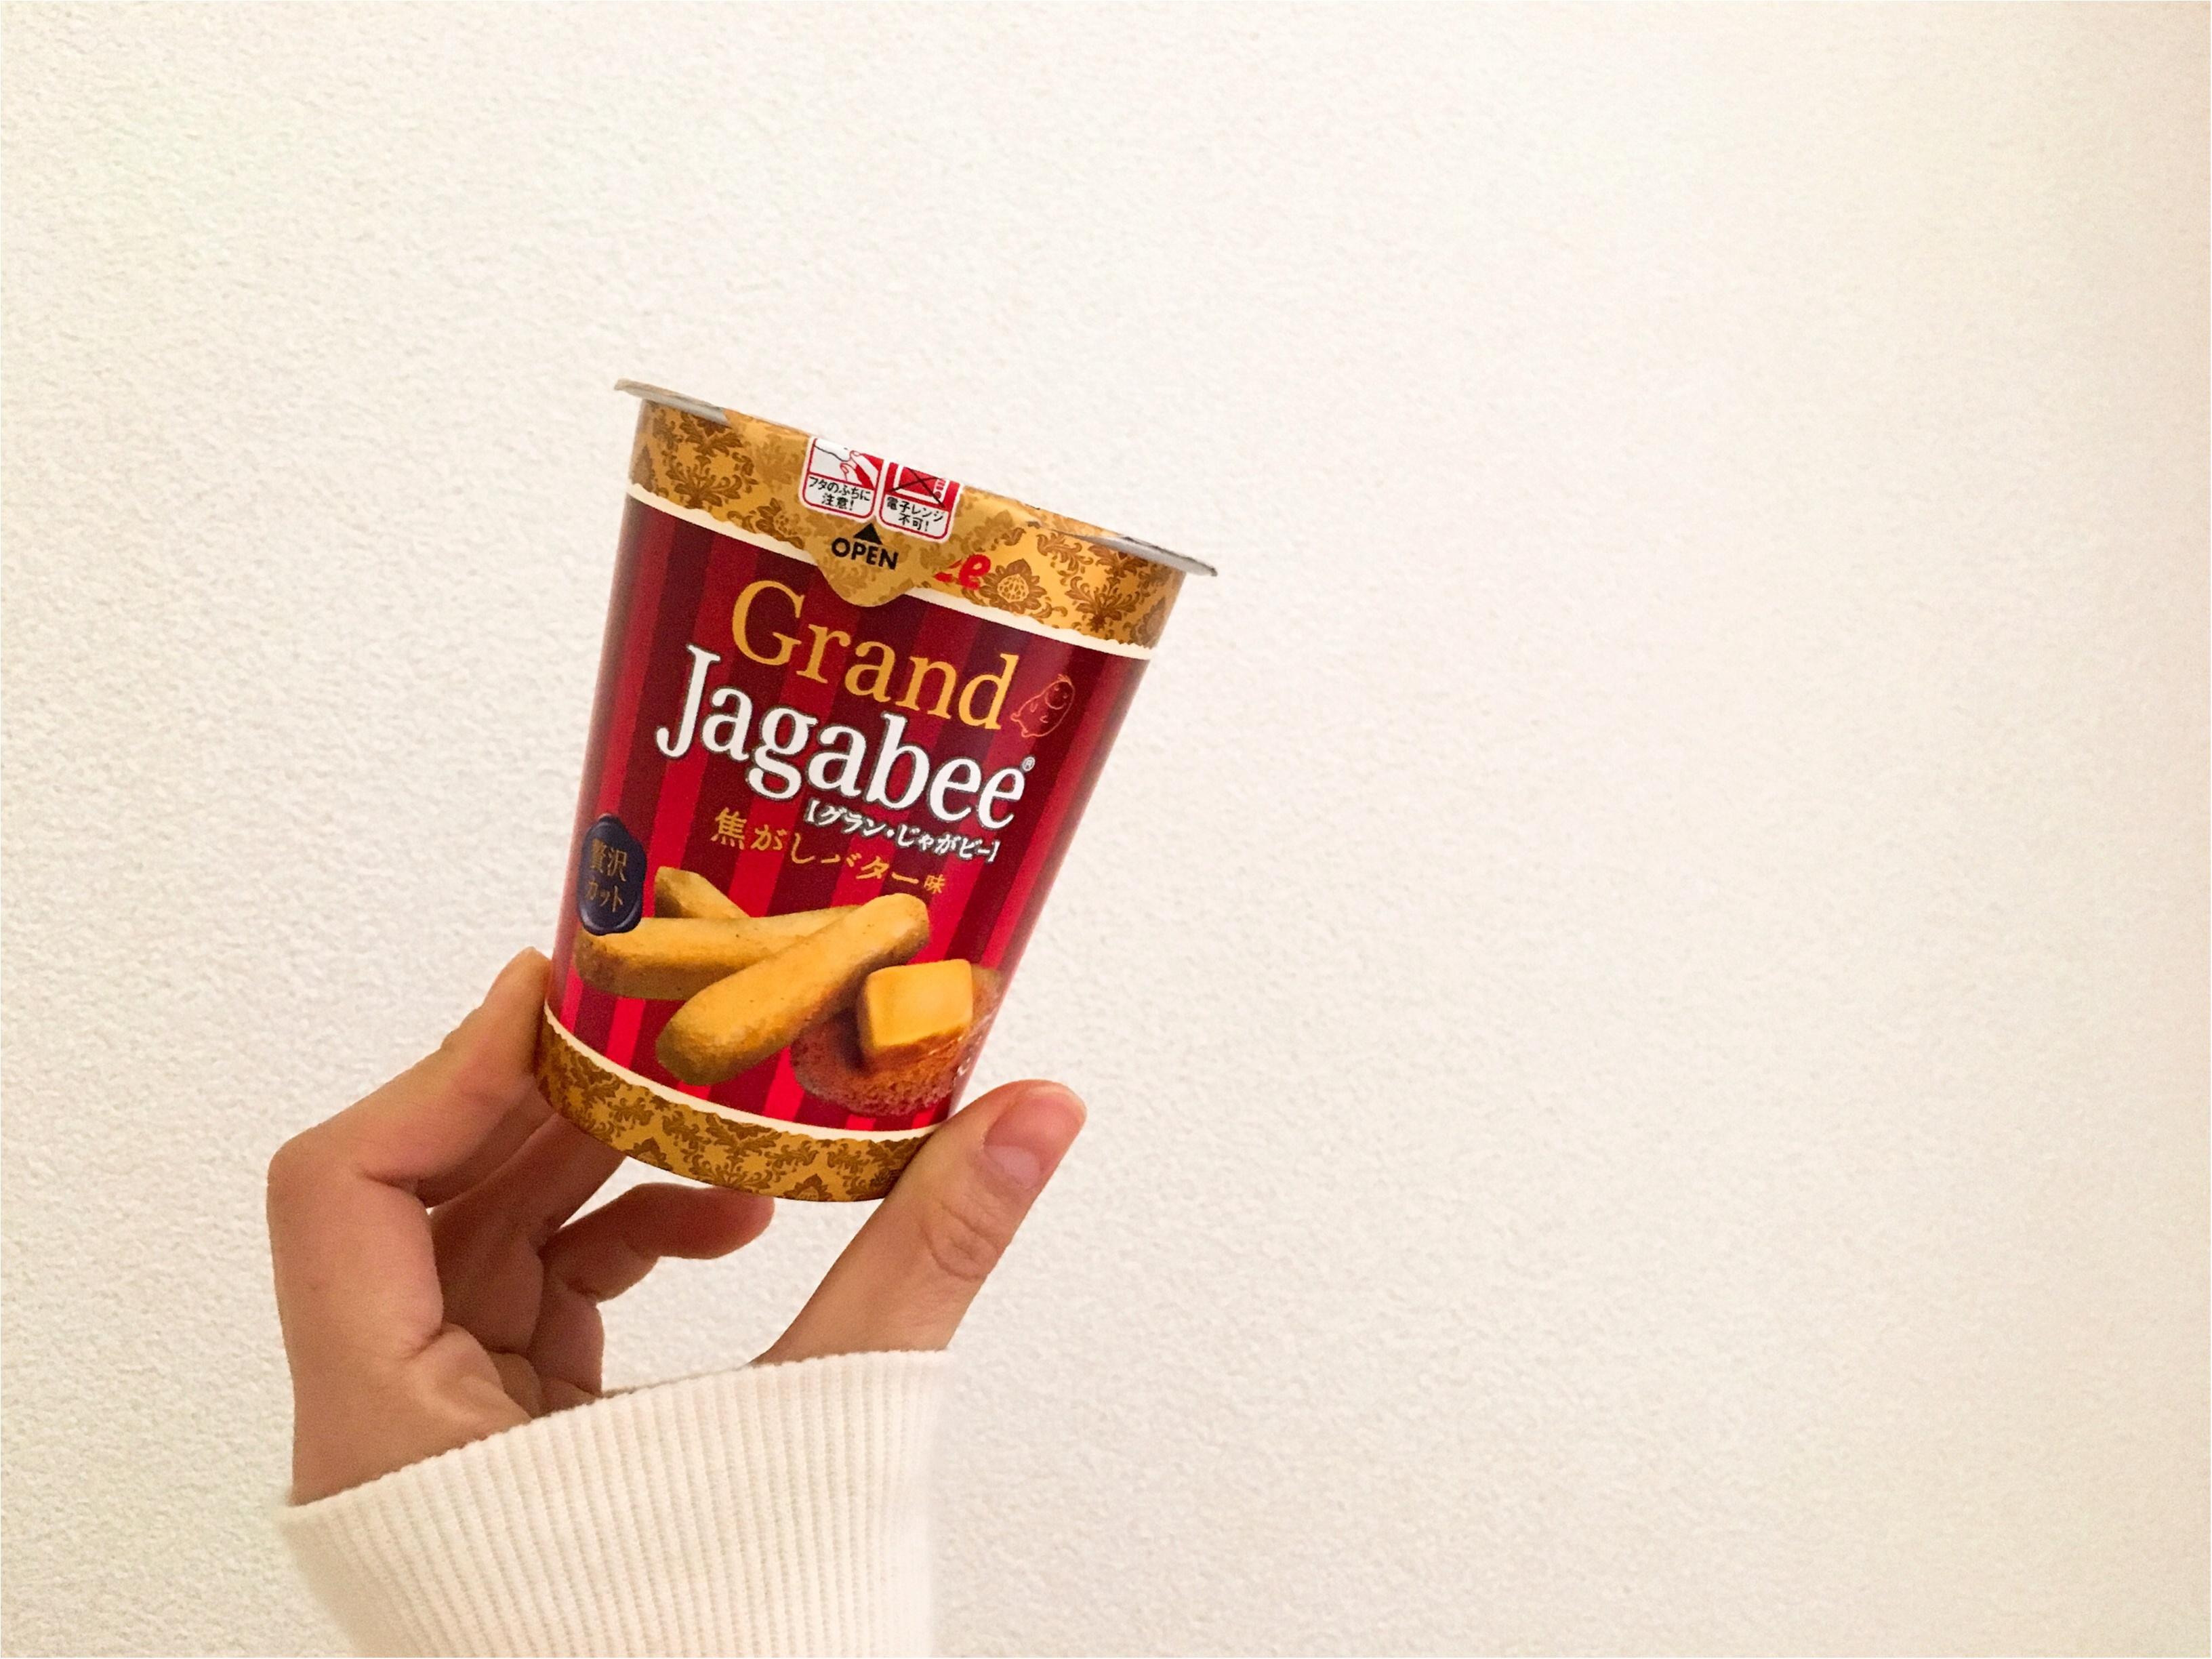 ★【jagabee】×MOREの『バターシナモン味』が発売される前に!贅沢カットの『グラン じゃがビー』はいかがですか??_3